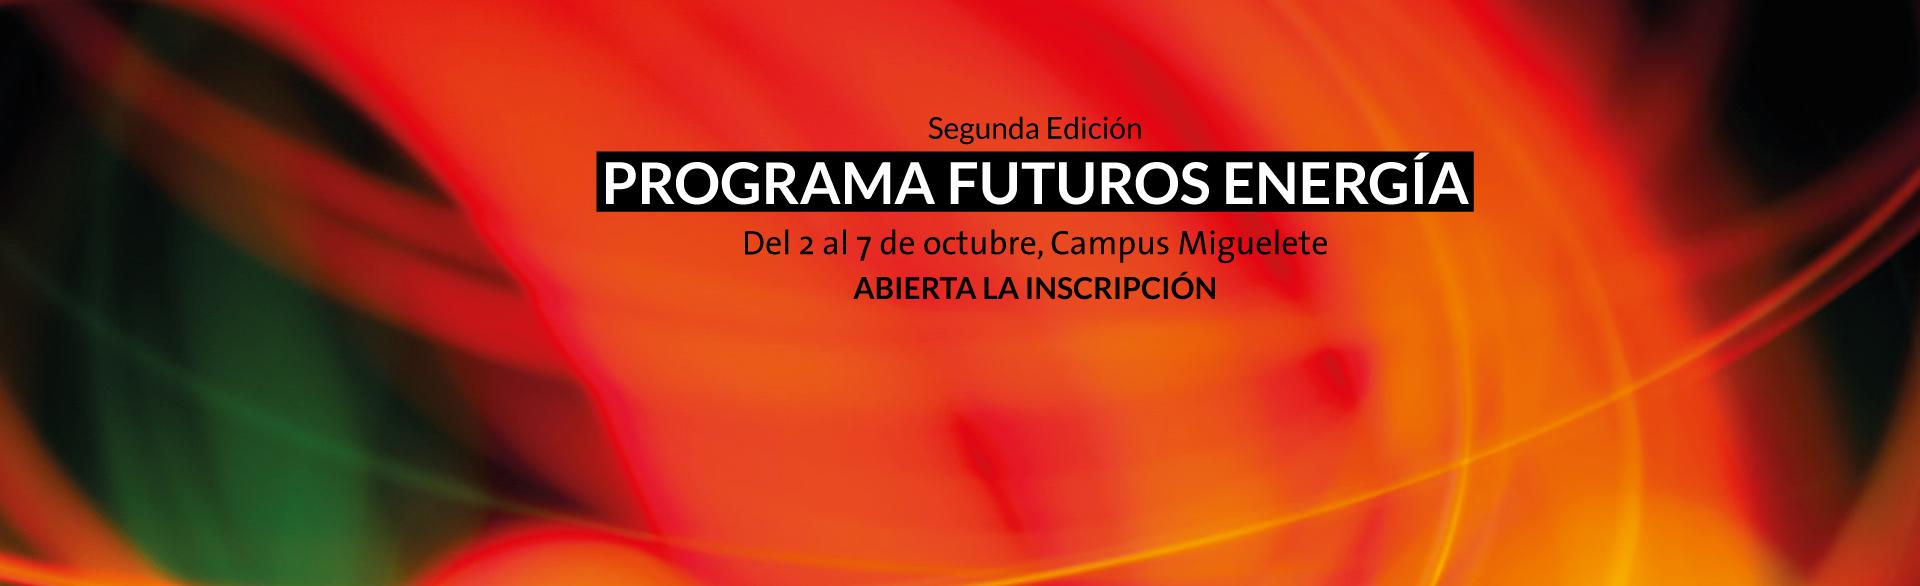 Programa Futuros Energía